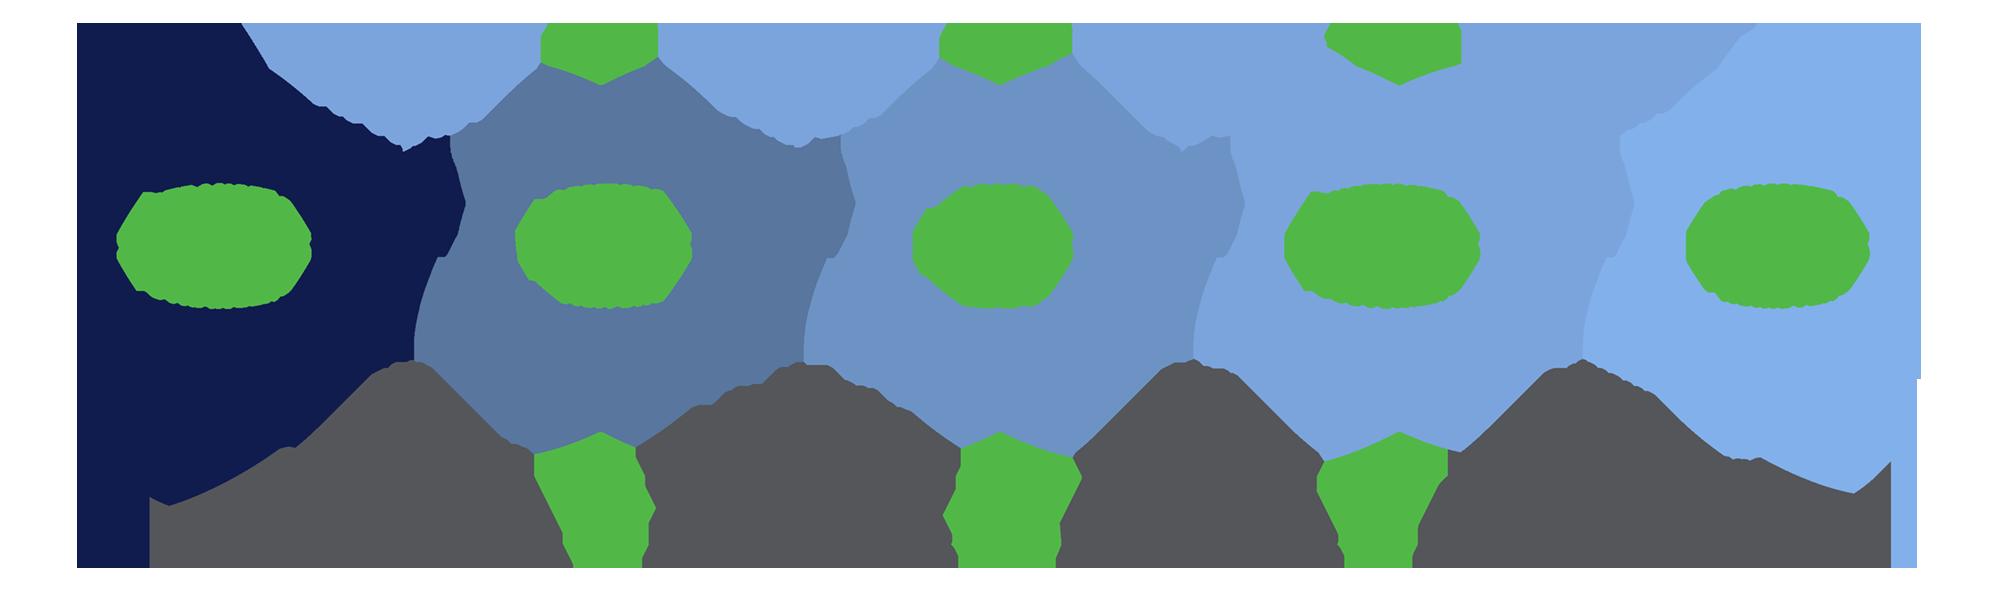 inbound_marketing_marketing_infographic